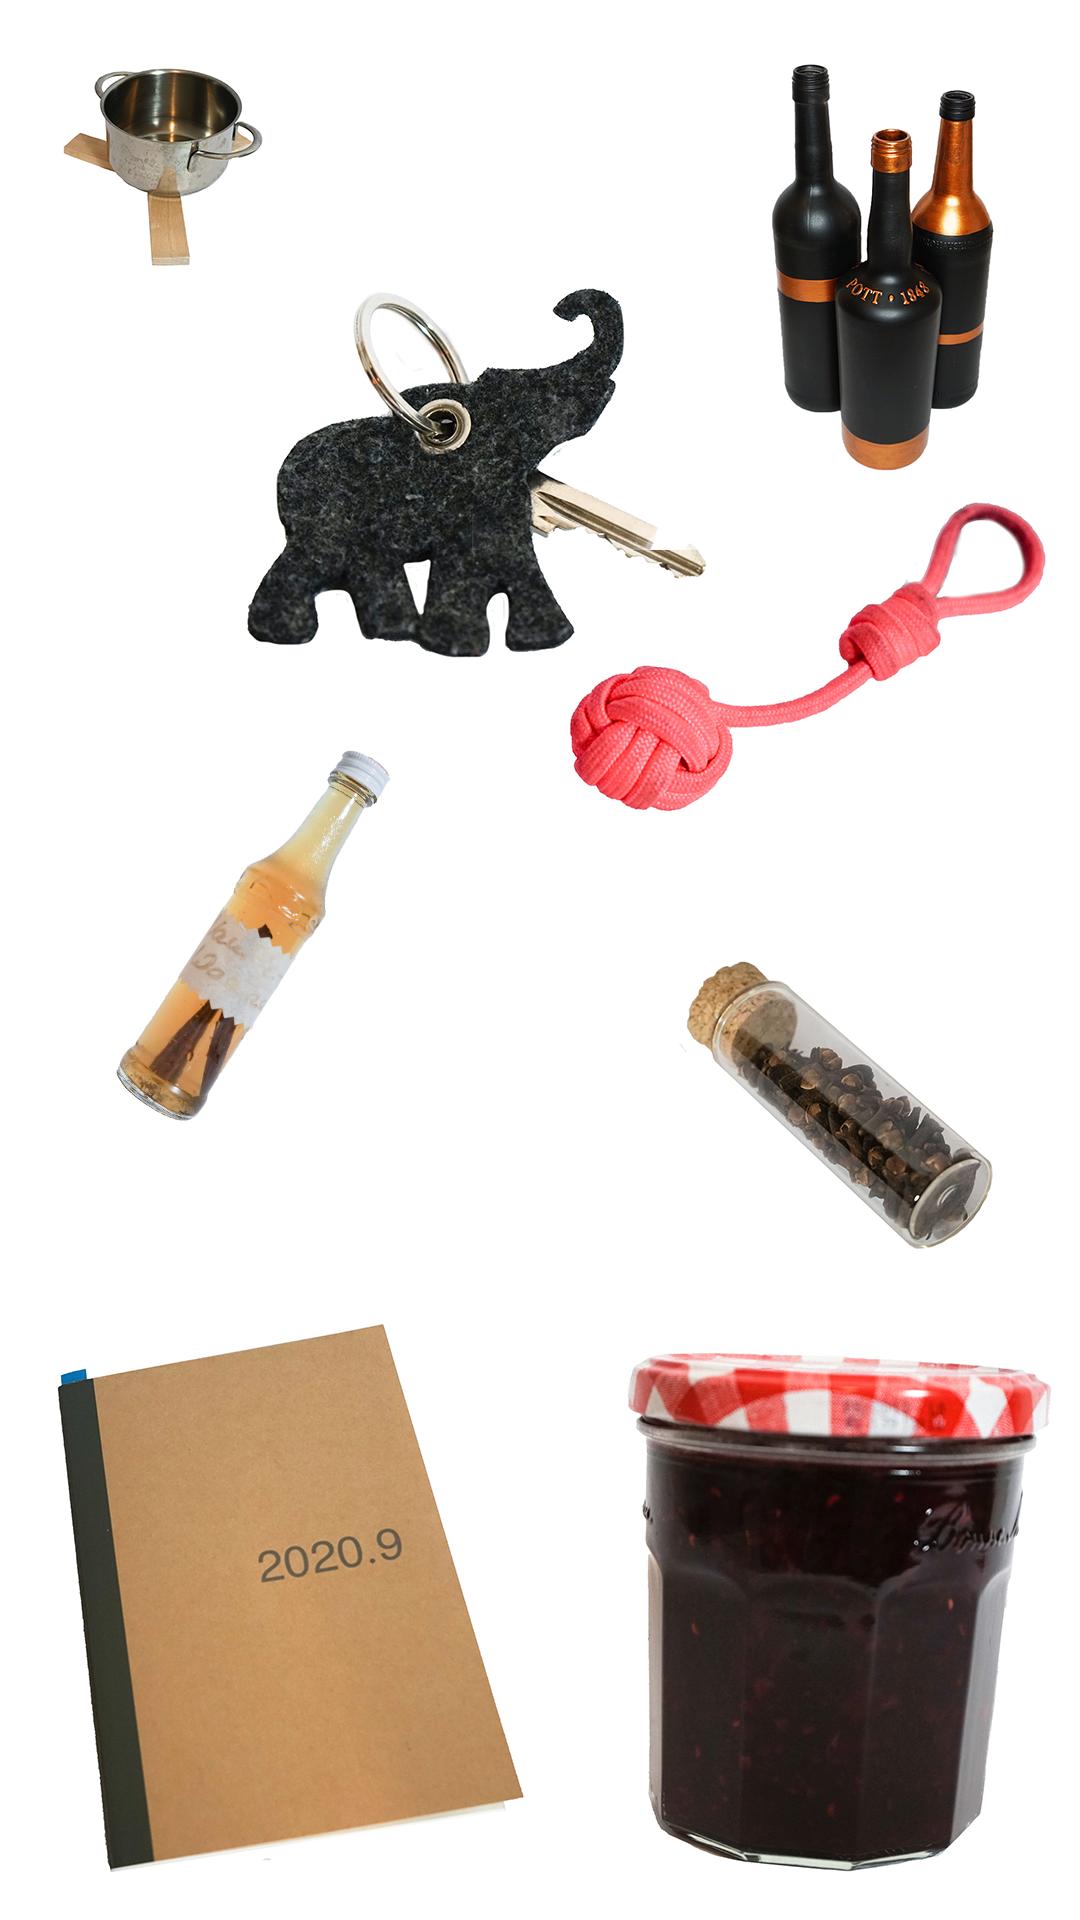 Verschiedene selbstgemachte Gegenstände auf weißem Hintergrund. Beispielsweise Schlüsselanhänger und Marmeladen.